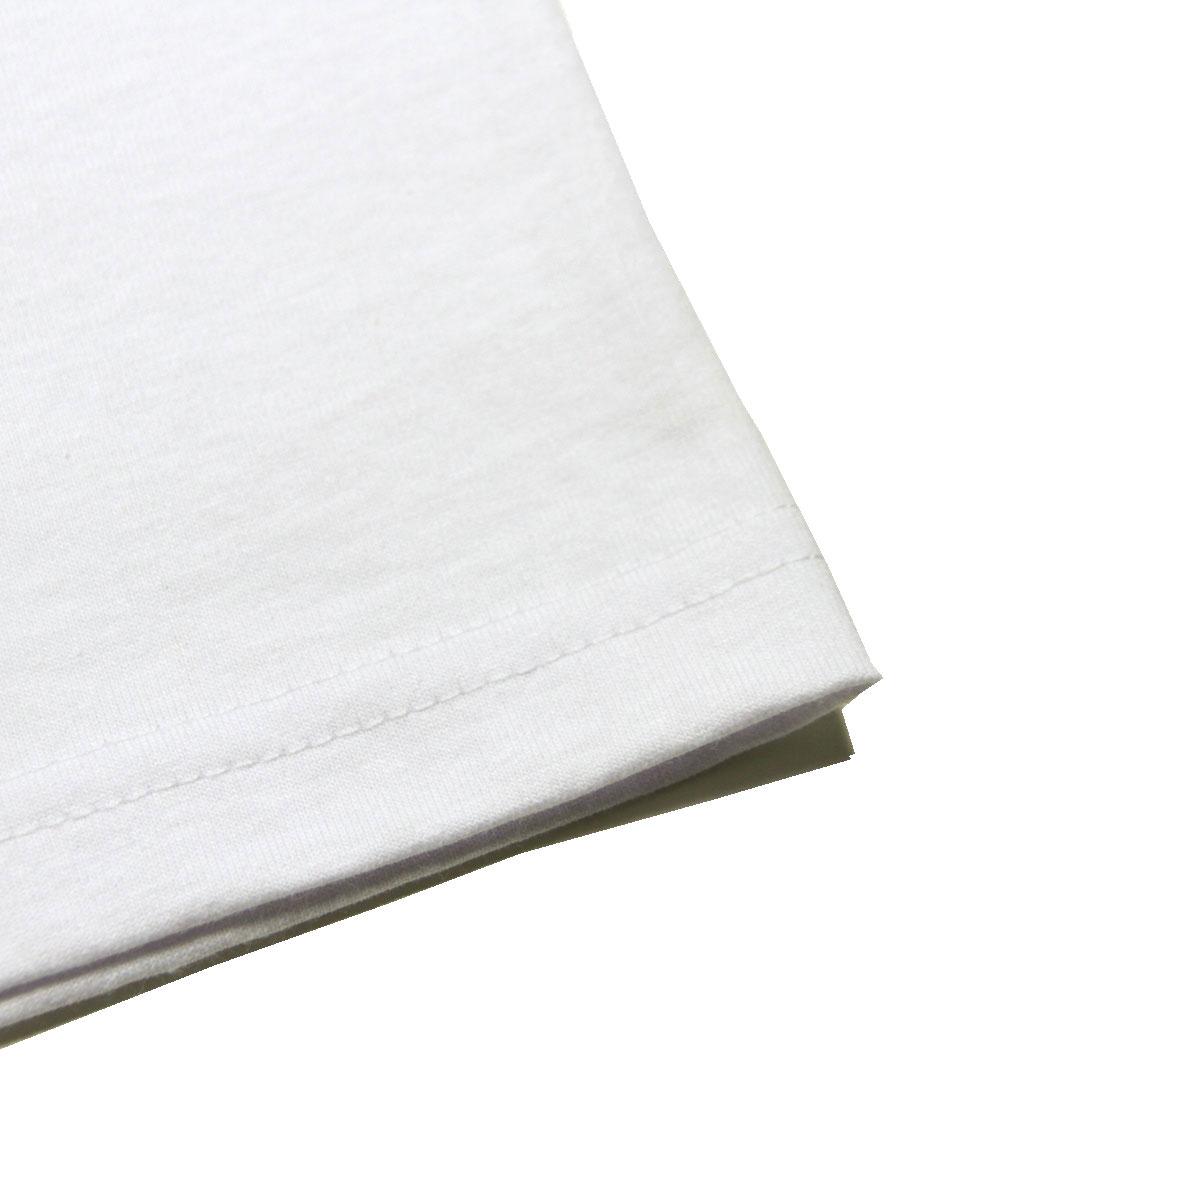 プロクラブ Tシャツ メンズ 正規販売店 PROCLUB 半袖Tシャツ クルーネックTシャツ HEAVY WEIGHT COTTON SHORT SLEEVE CREW NECK T-SHIRT WHITE #101 AB6B B1C C1D D1E E01F